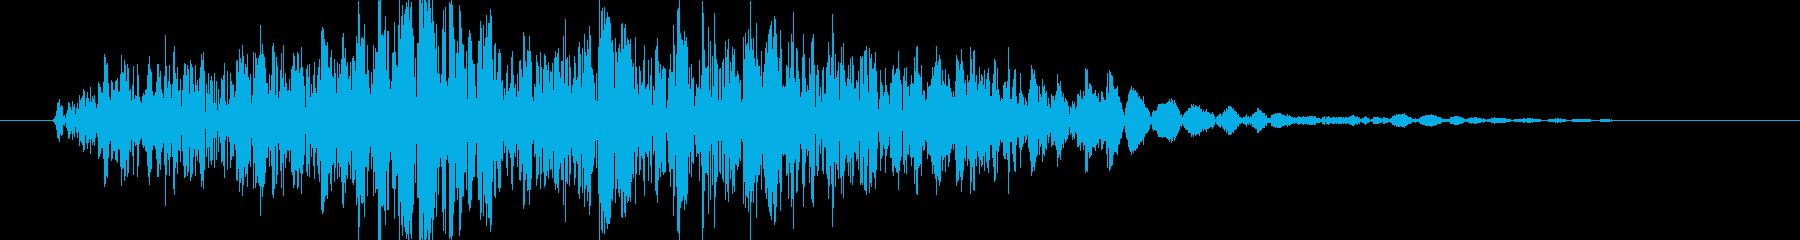 パンチやキックに最適な打撃音!05の再生済みの波形